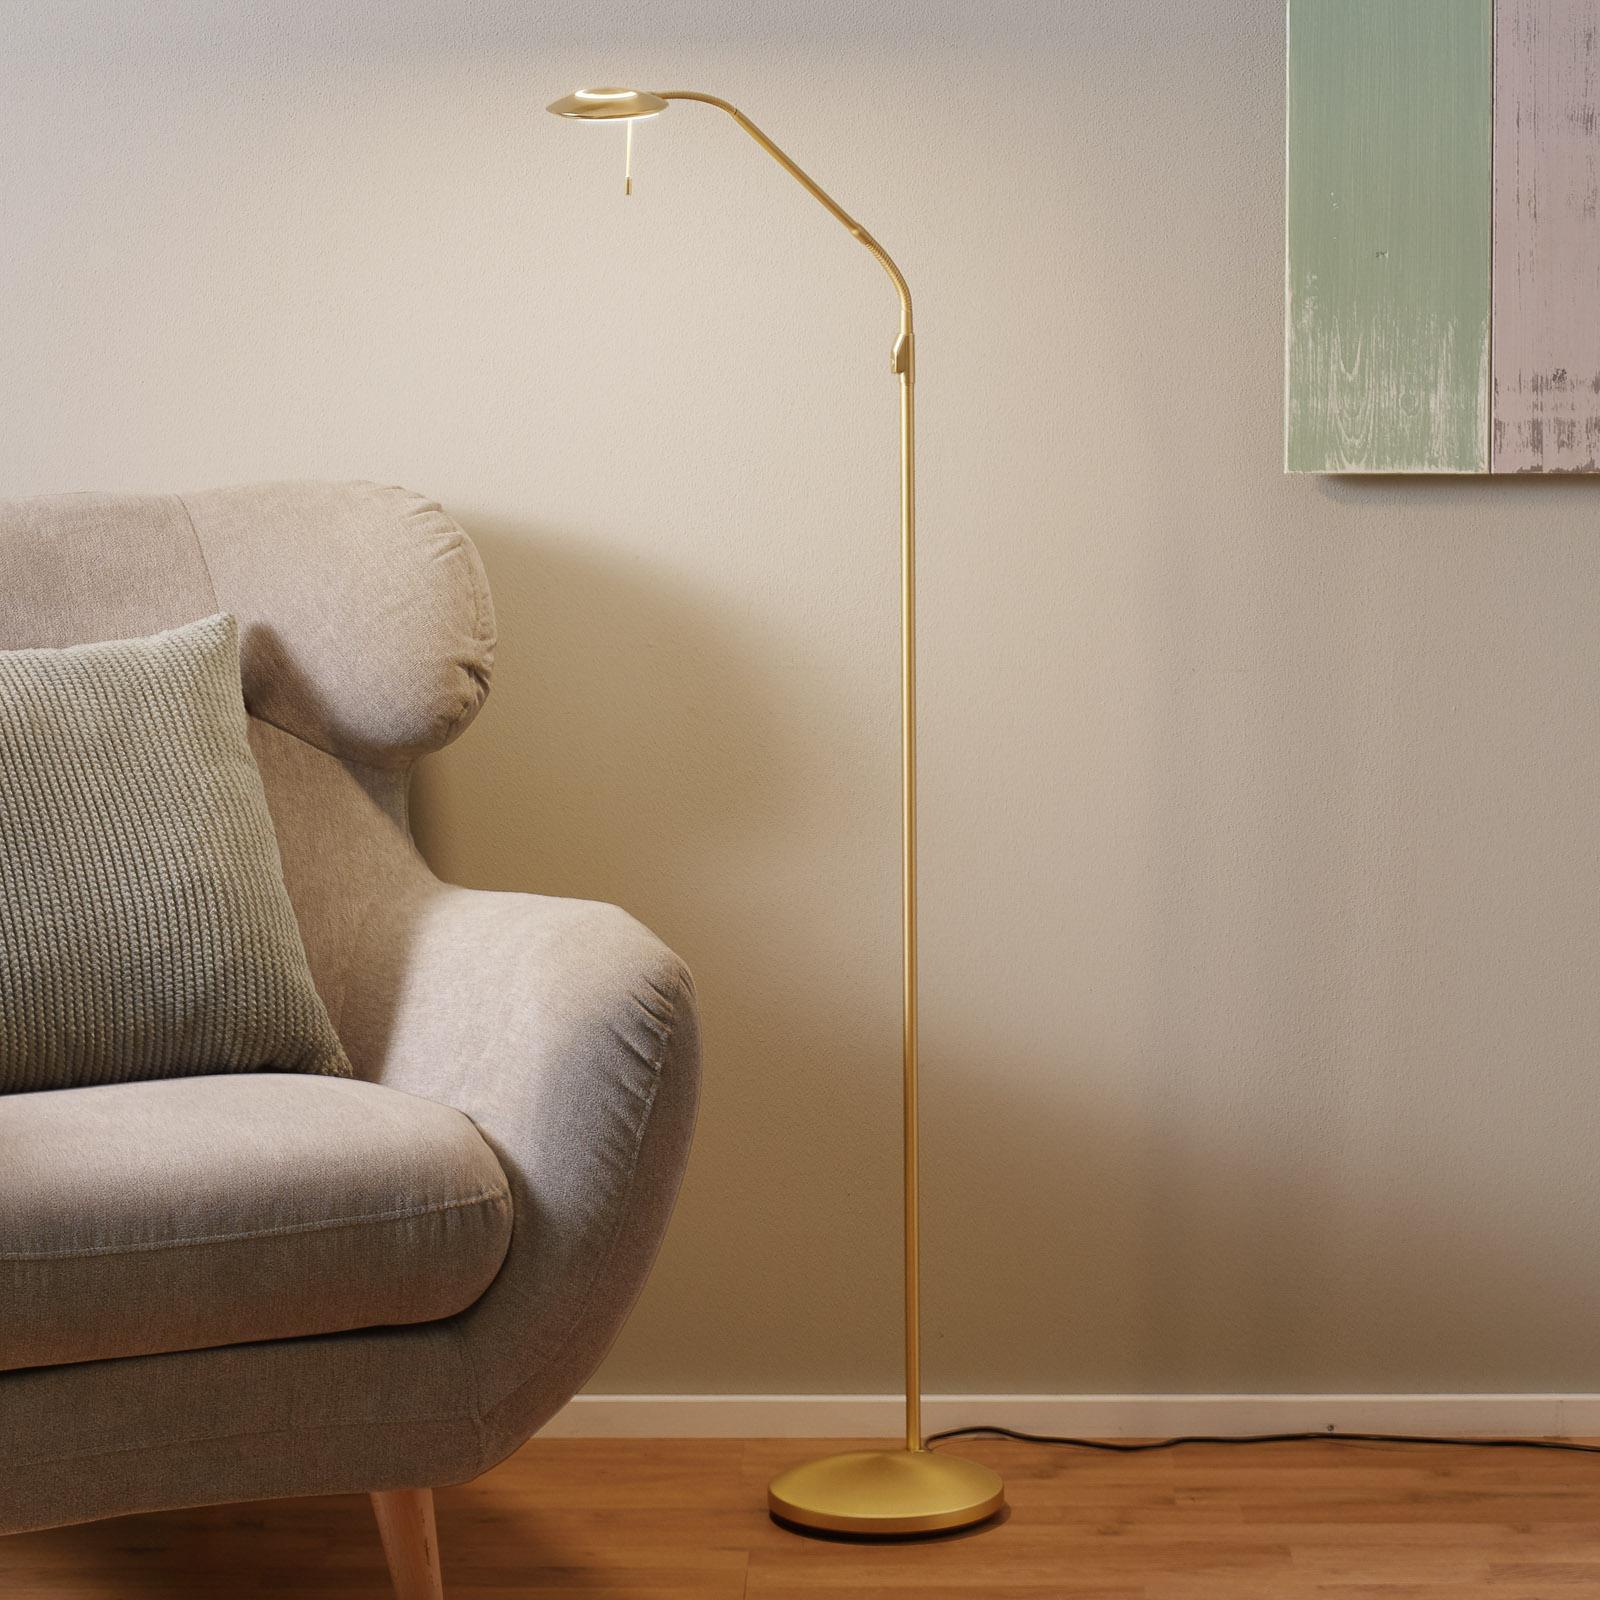 Messinginvärinen LED-lattiavalaisin Zenith, himm.